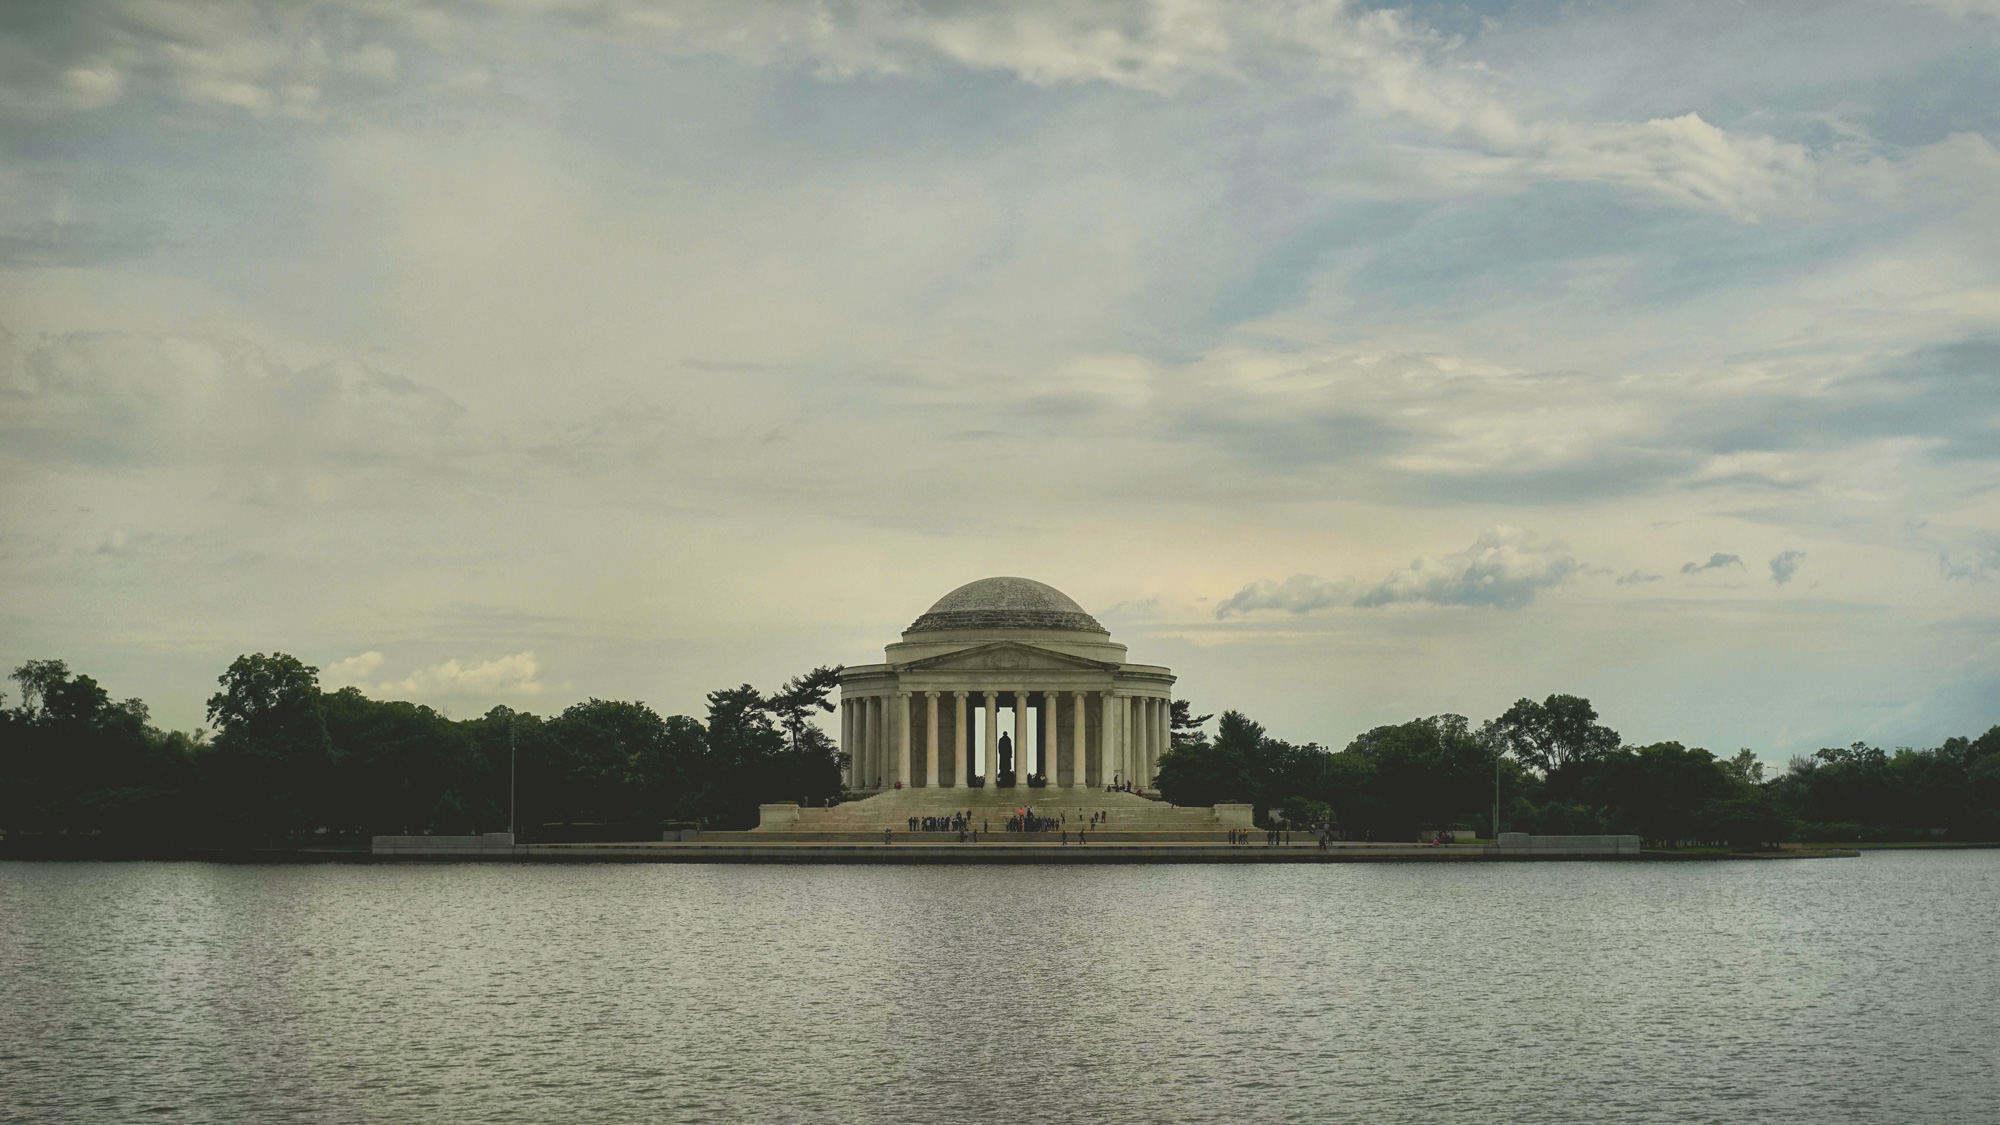 杰斐逊纪念堂